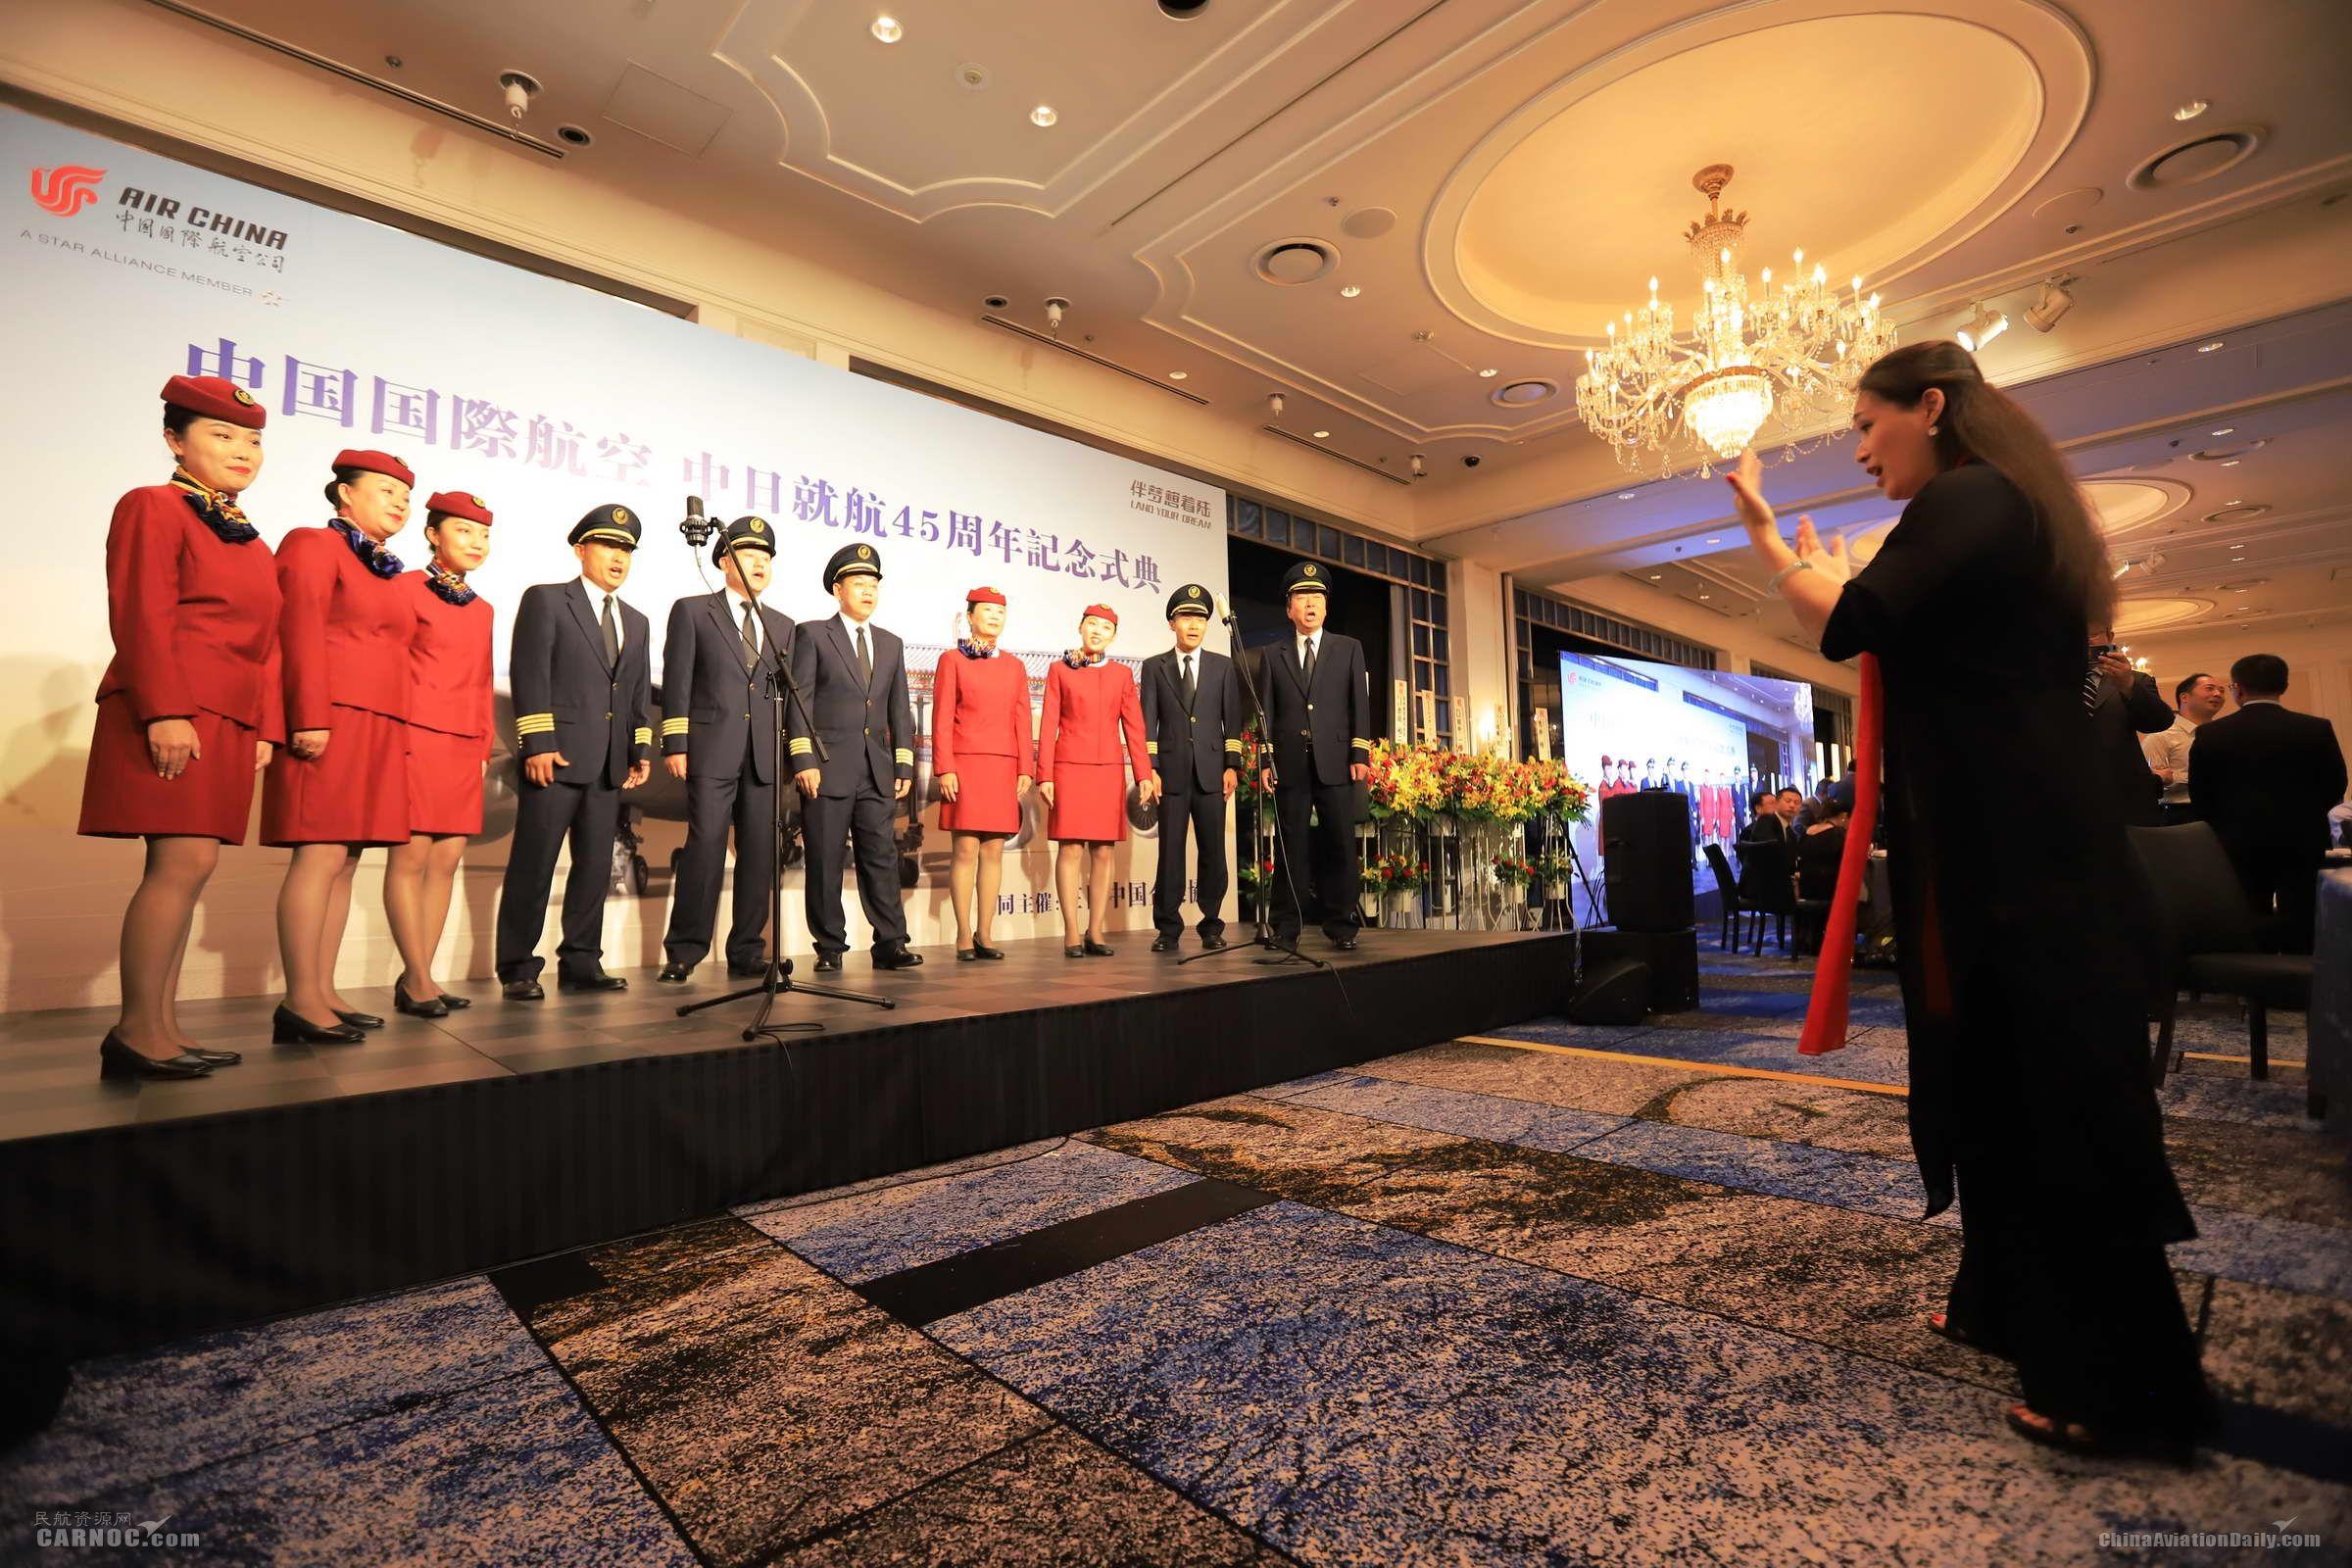 国航合唱团分别用中文、日文演唱中国民歌和日本影视歌曲 摄影:武明飞